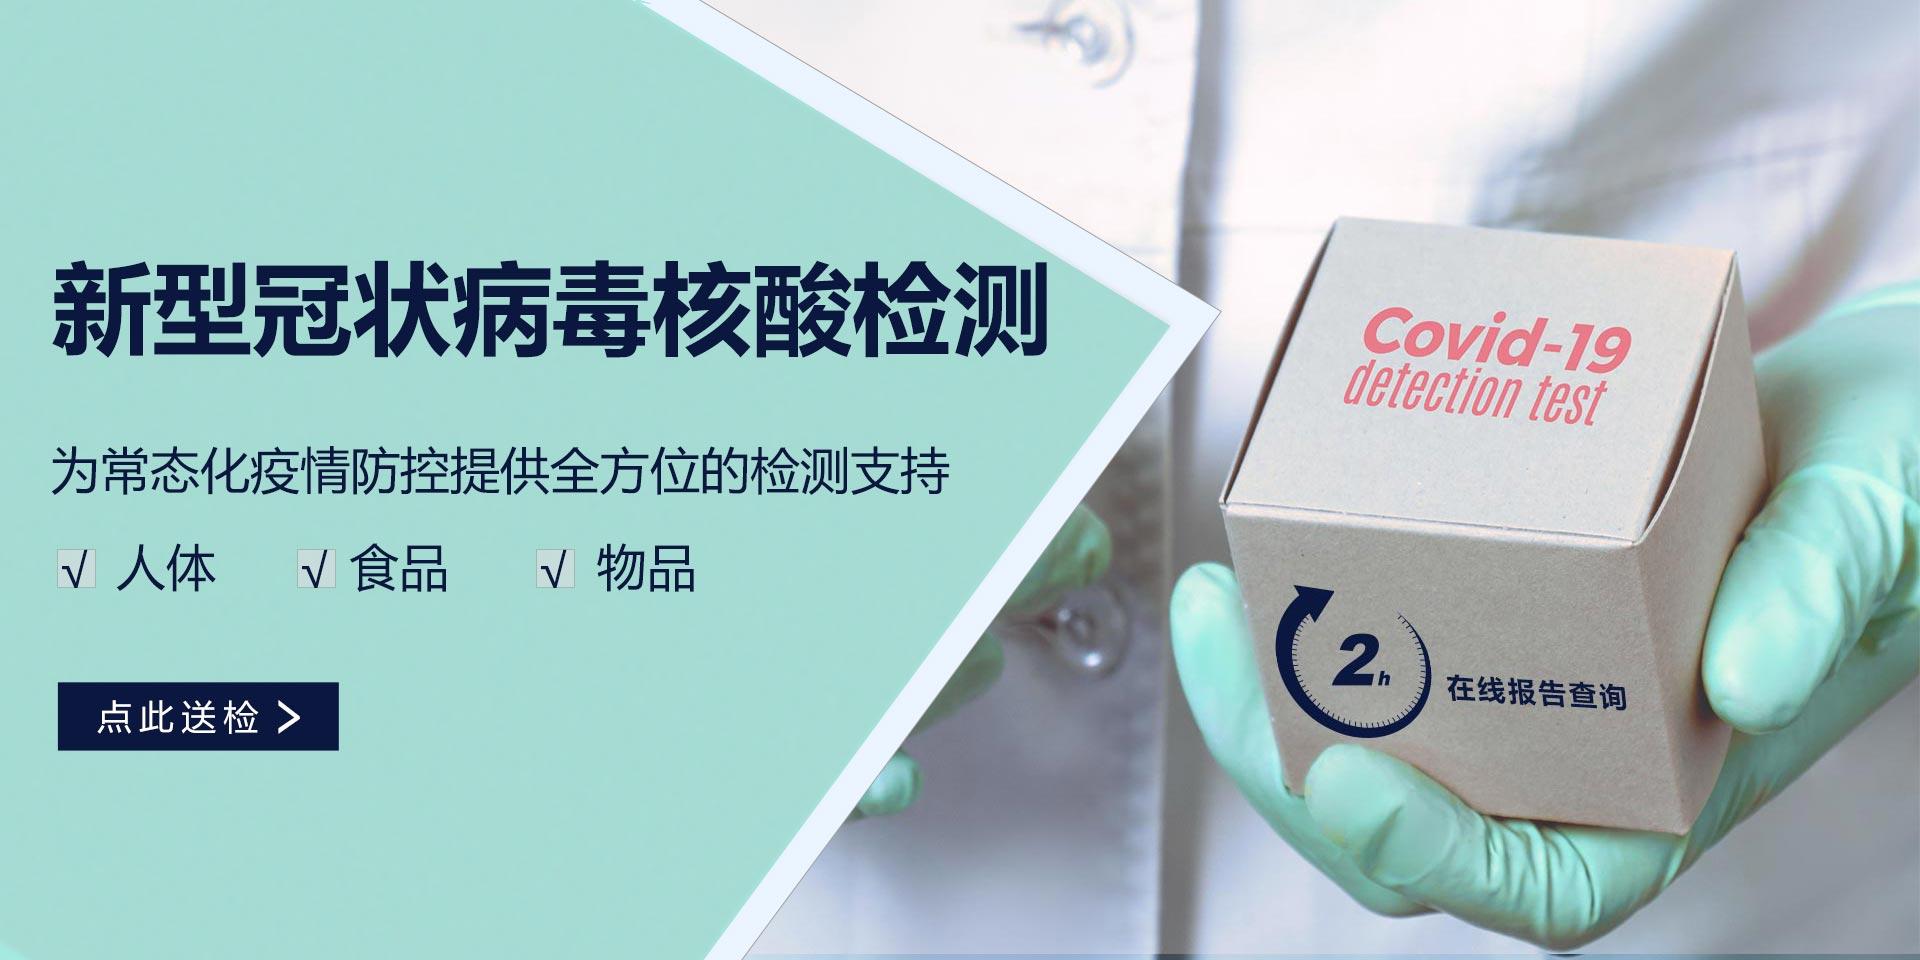 新型冠状病毒核酸检测